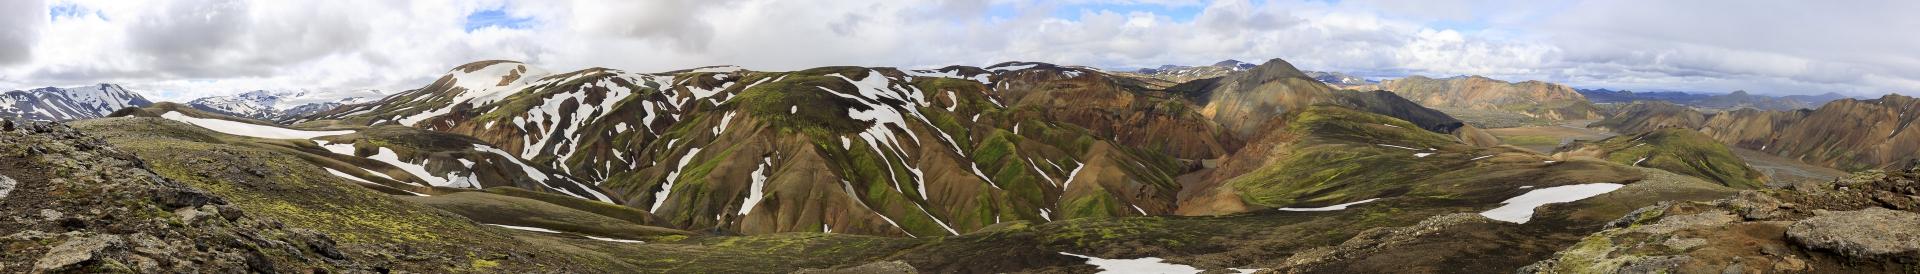 Torfajökull, Kaldaklofsjökull, Skalli, Bláhnúkur, Laugahraun, Suðurnámur, Frostastaðavatn, Jökulgil